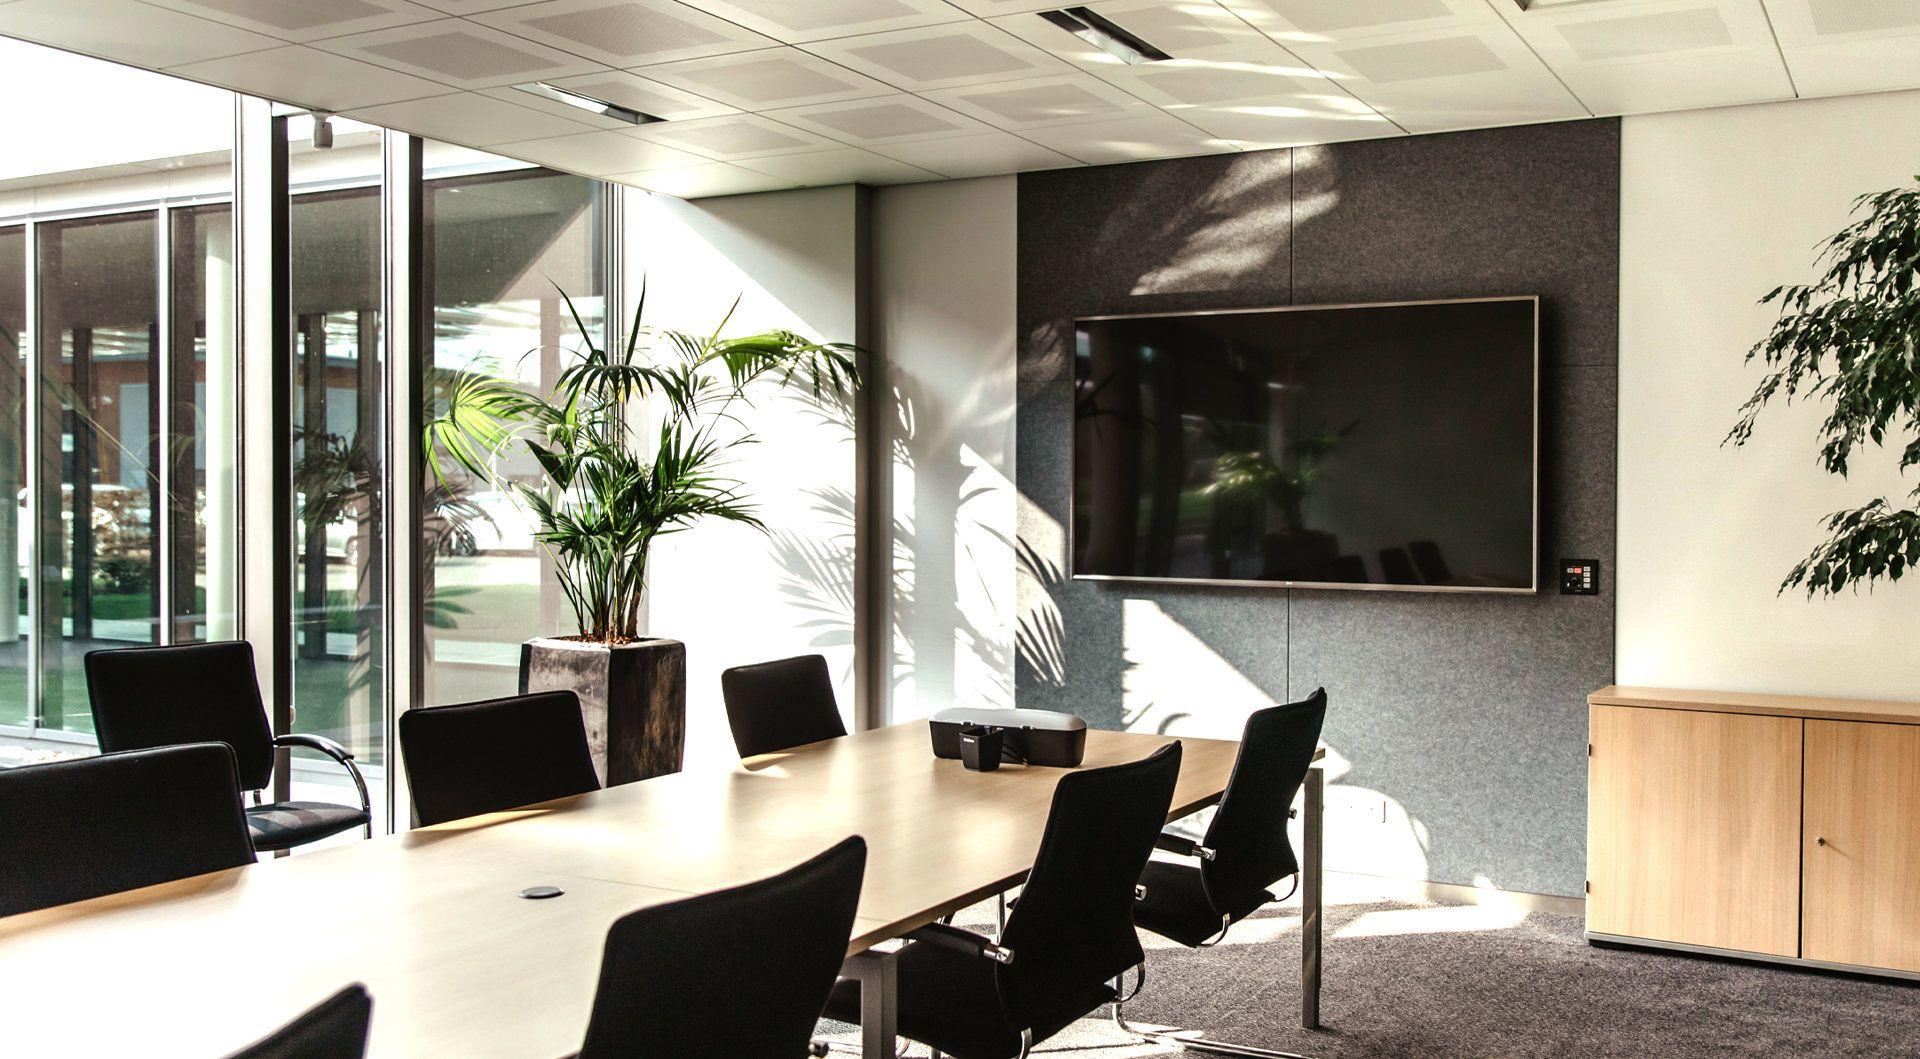 Prowise iPro Mobile Lift Draagbare flatscreen vloerstandaard Zwart, Grijs - Case studie de vries